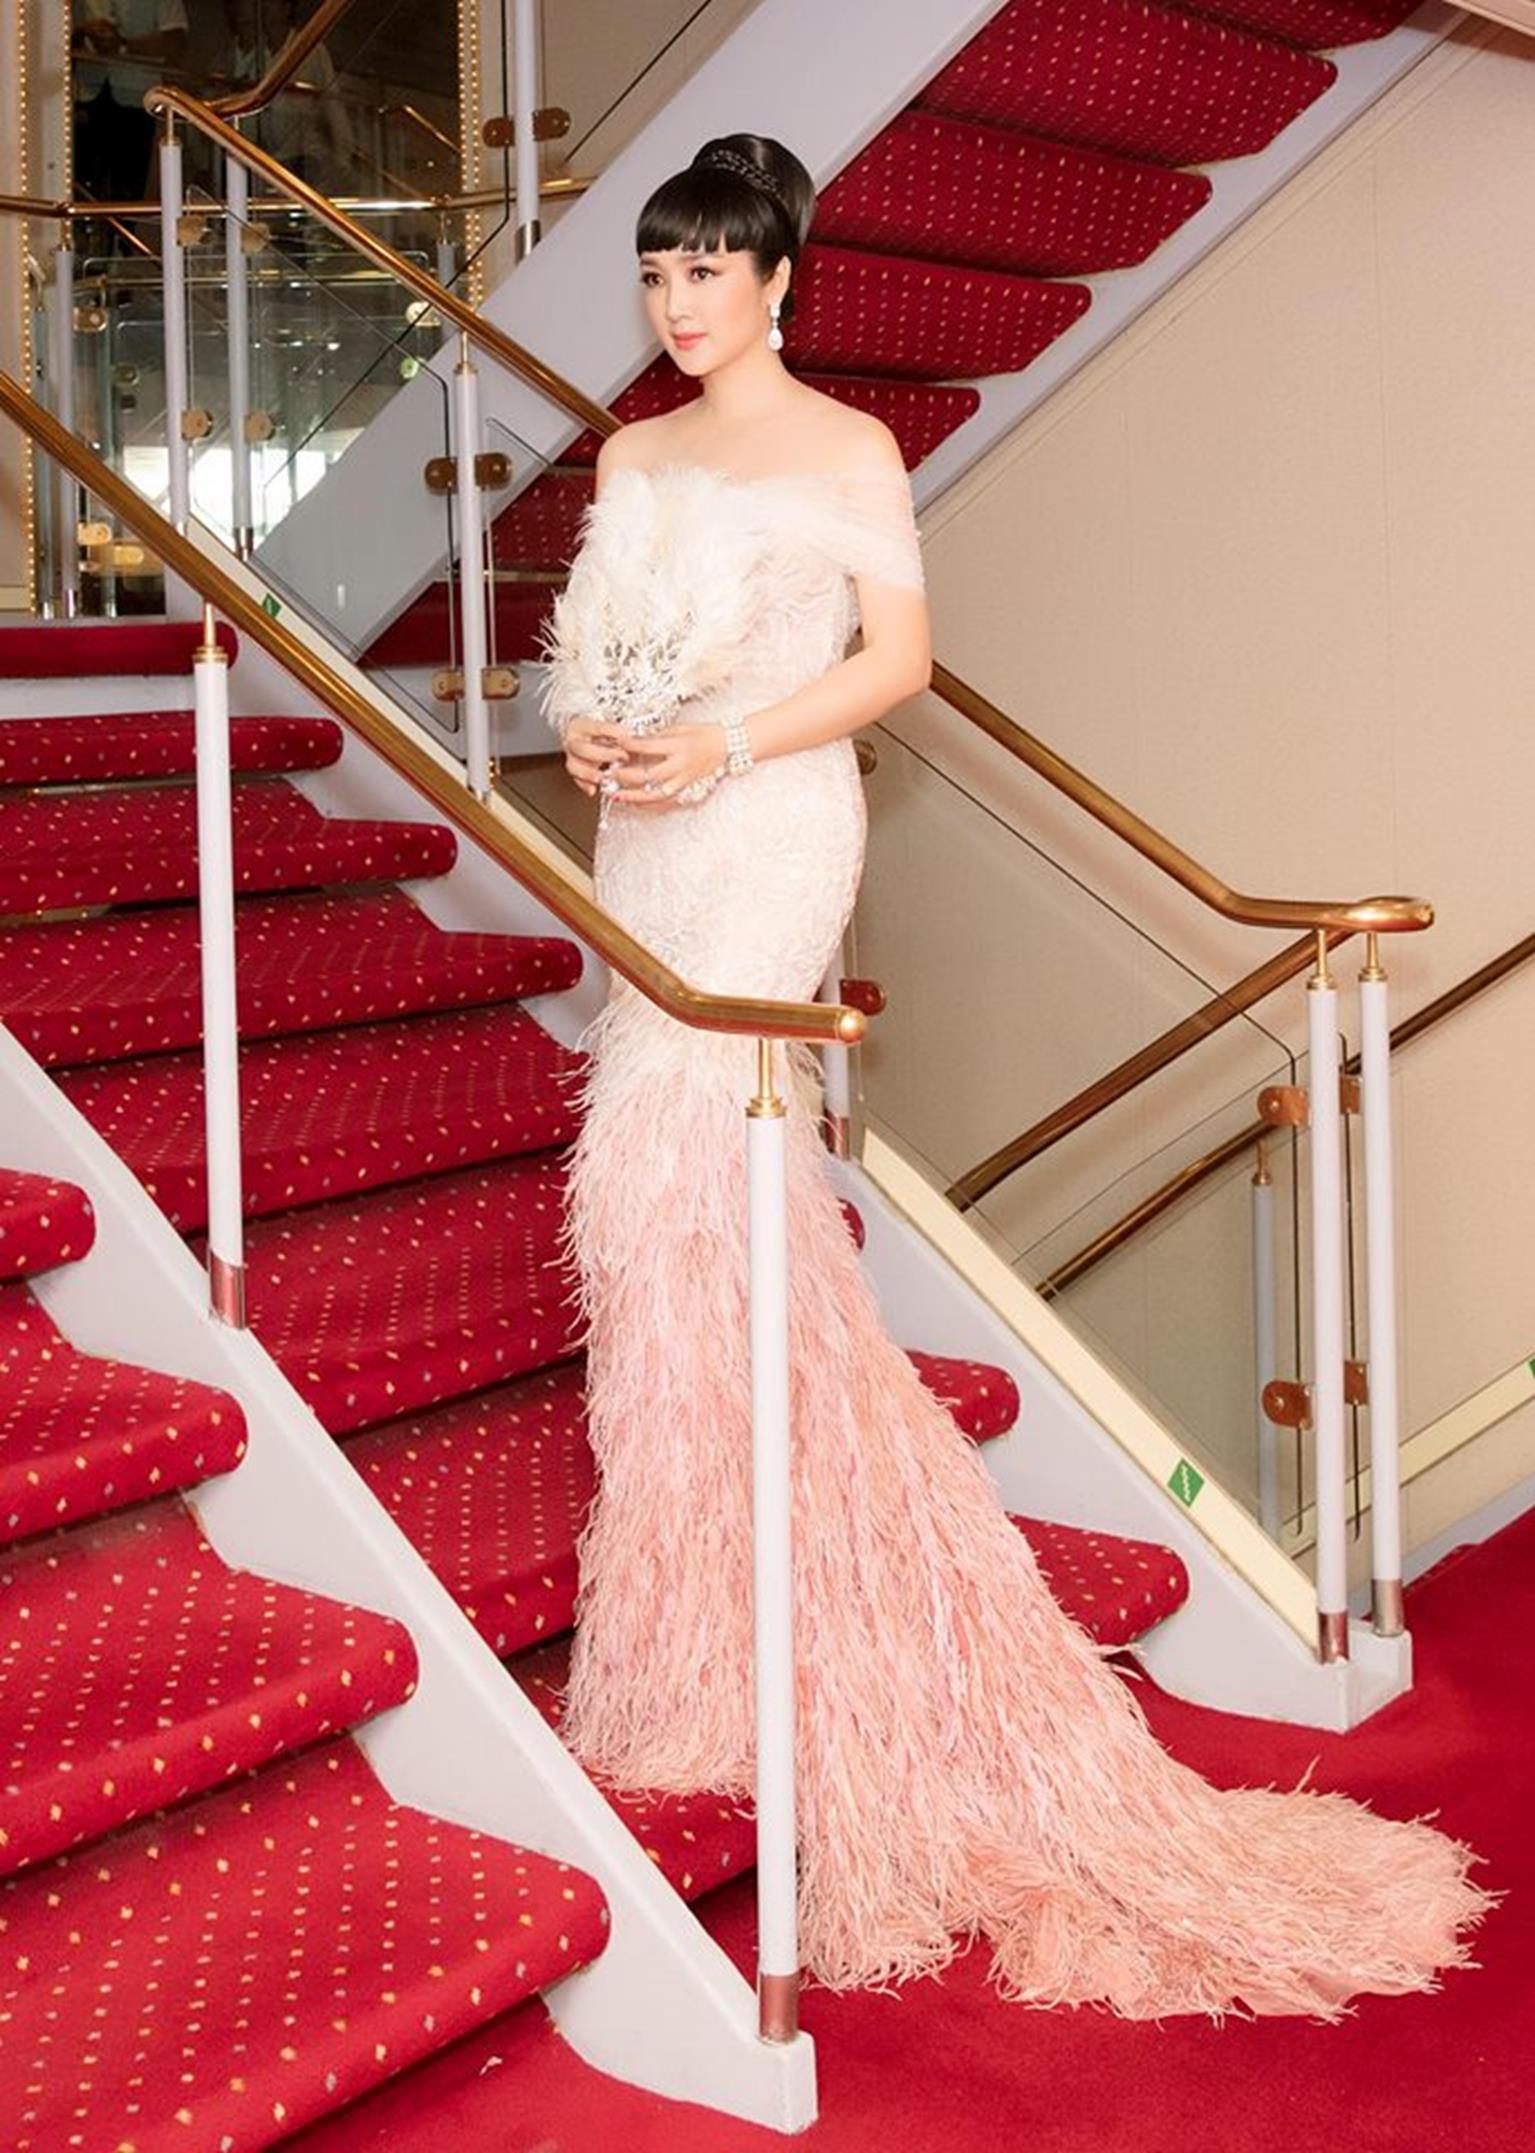 HH Giáng My đẹp tựa nữ thần đốn tim khán giả khi đi chấm thi Hoa hậu-5